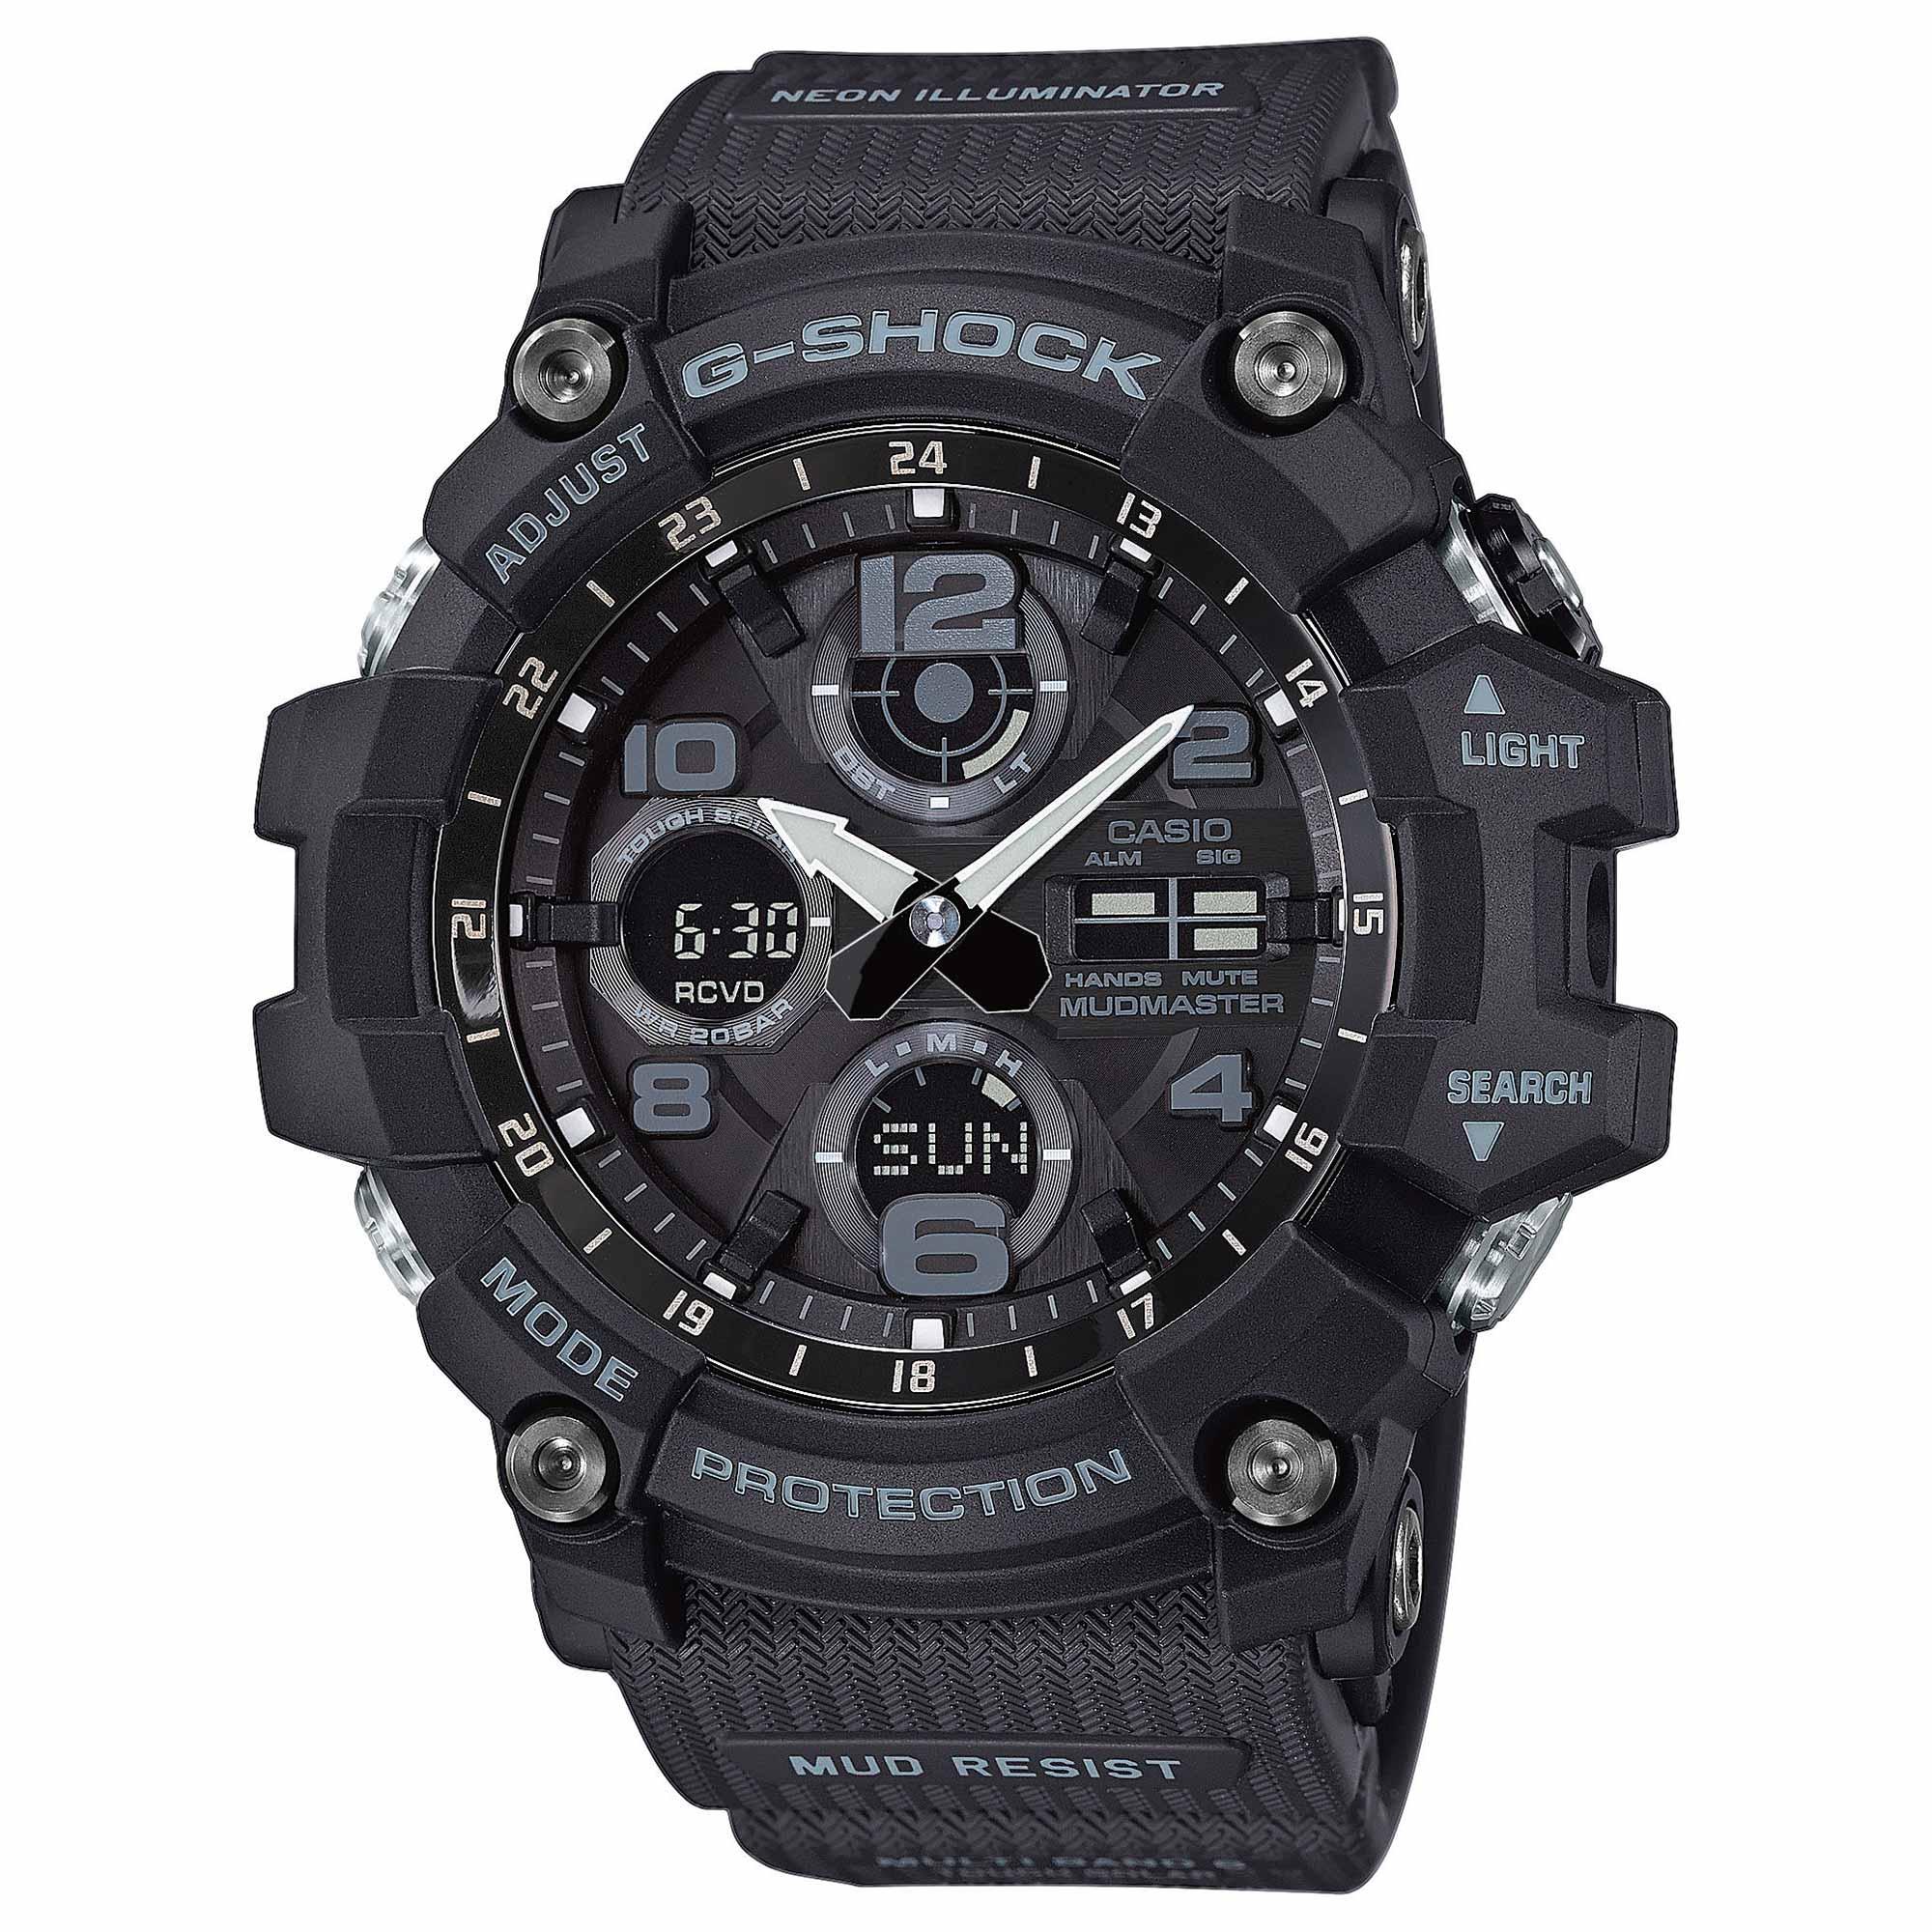 Casio Uhr G-Shock Mudmaster GWG-100-1AER schwarz